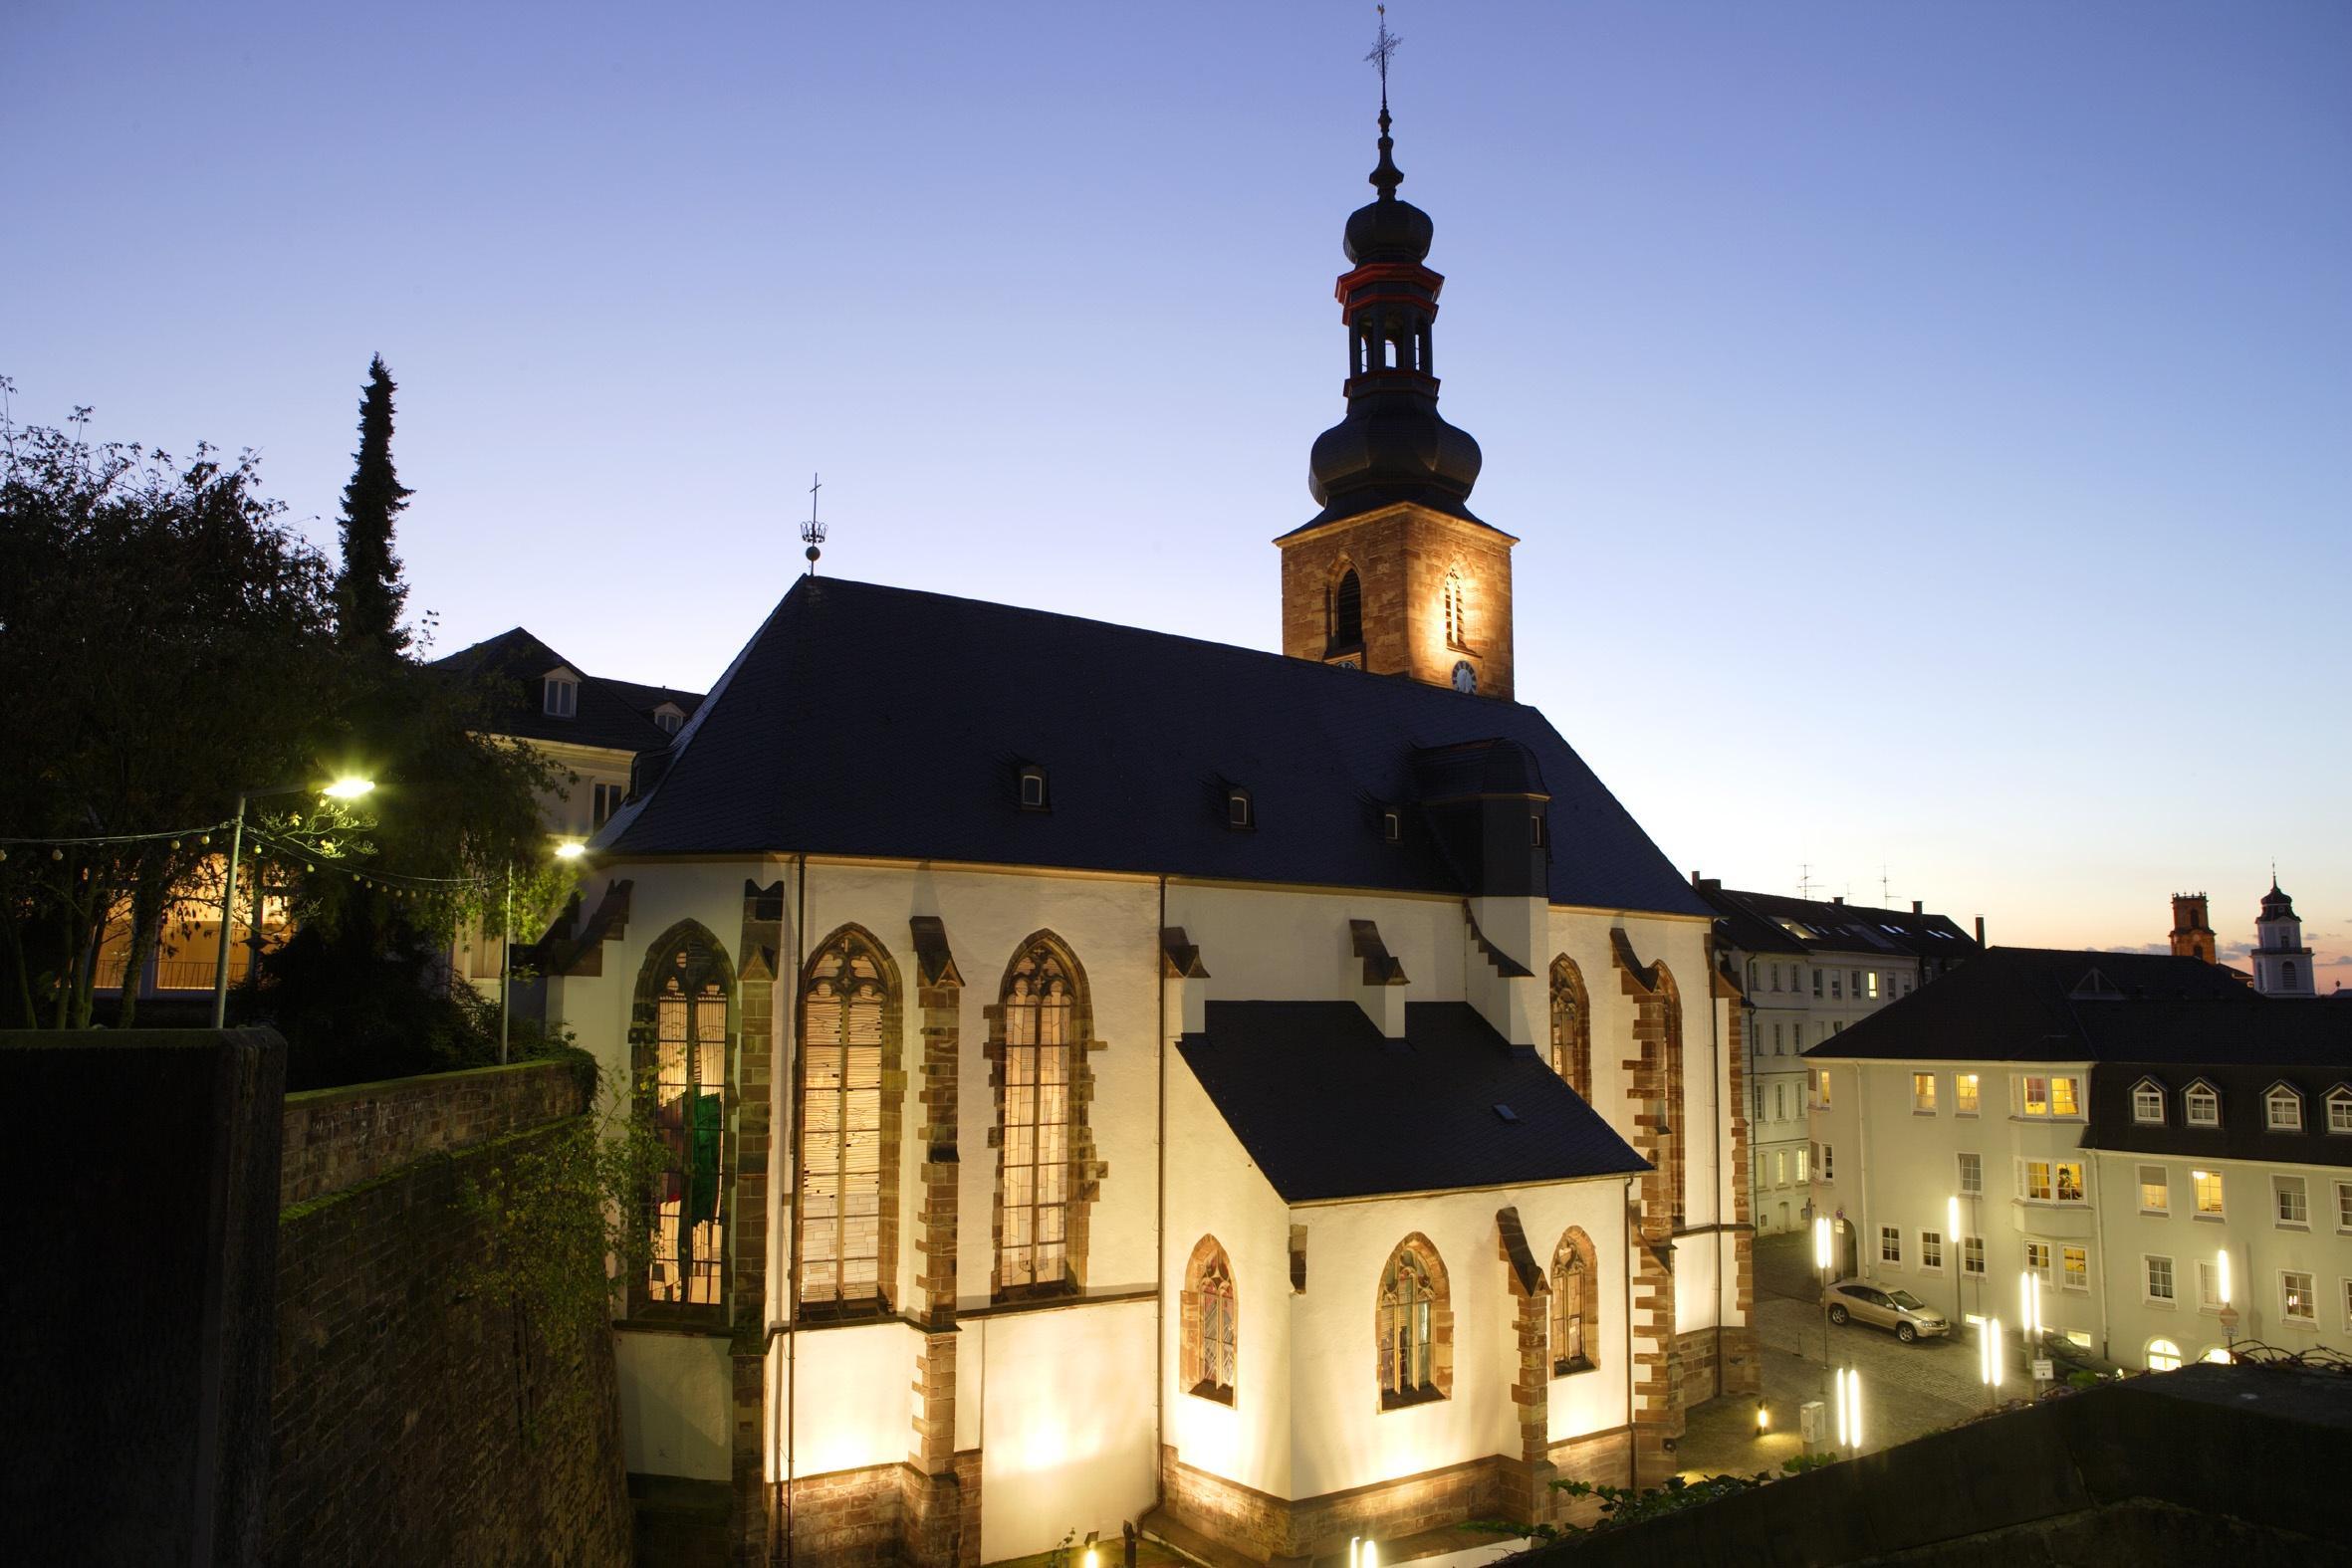 Schlosskirche, Saarbrücken